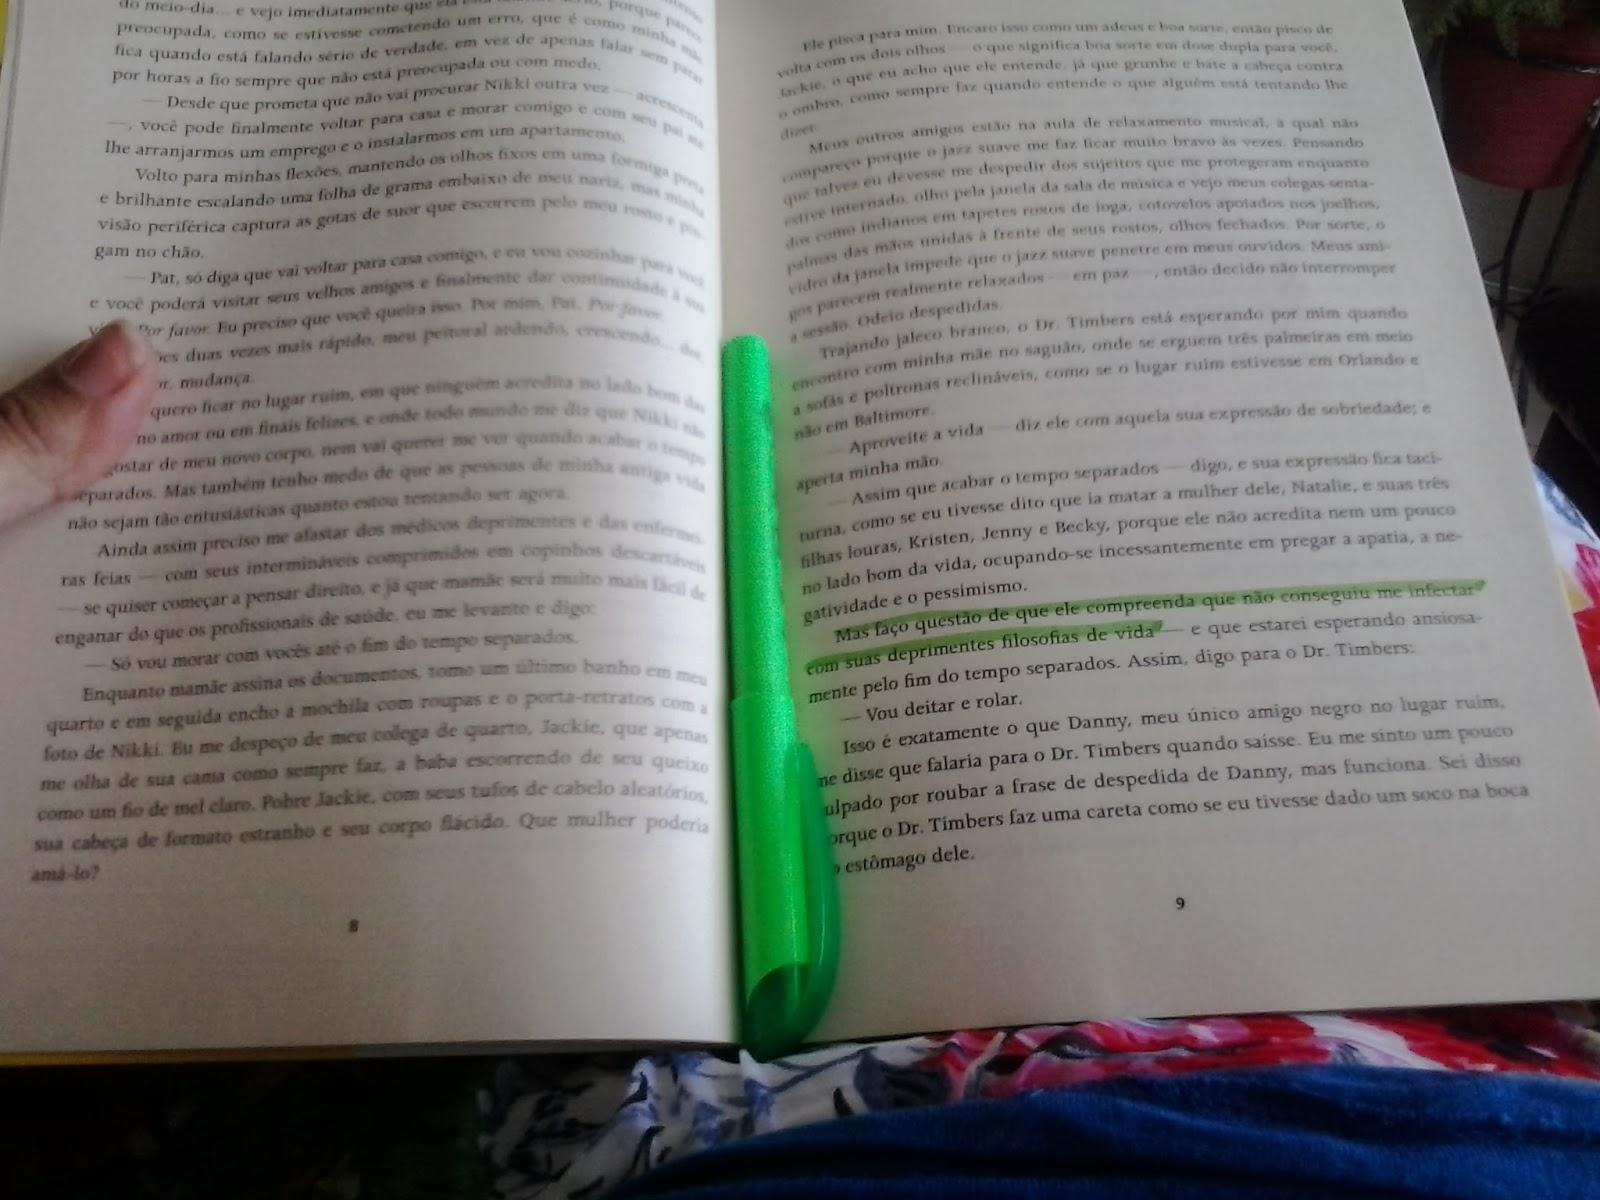 Sandra Falcão Livro O Lado Bom Da Vida